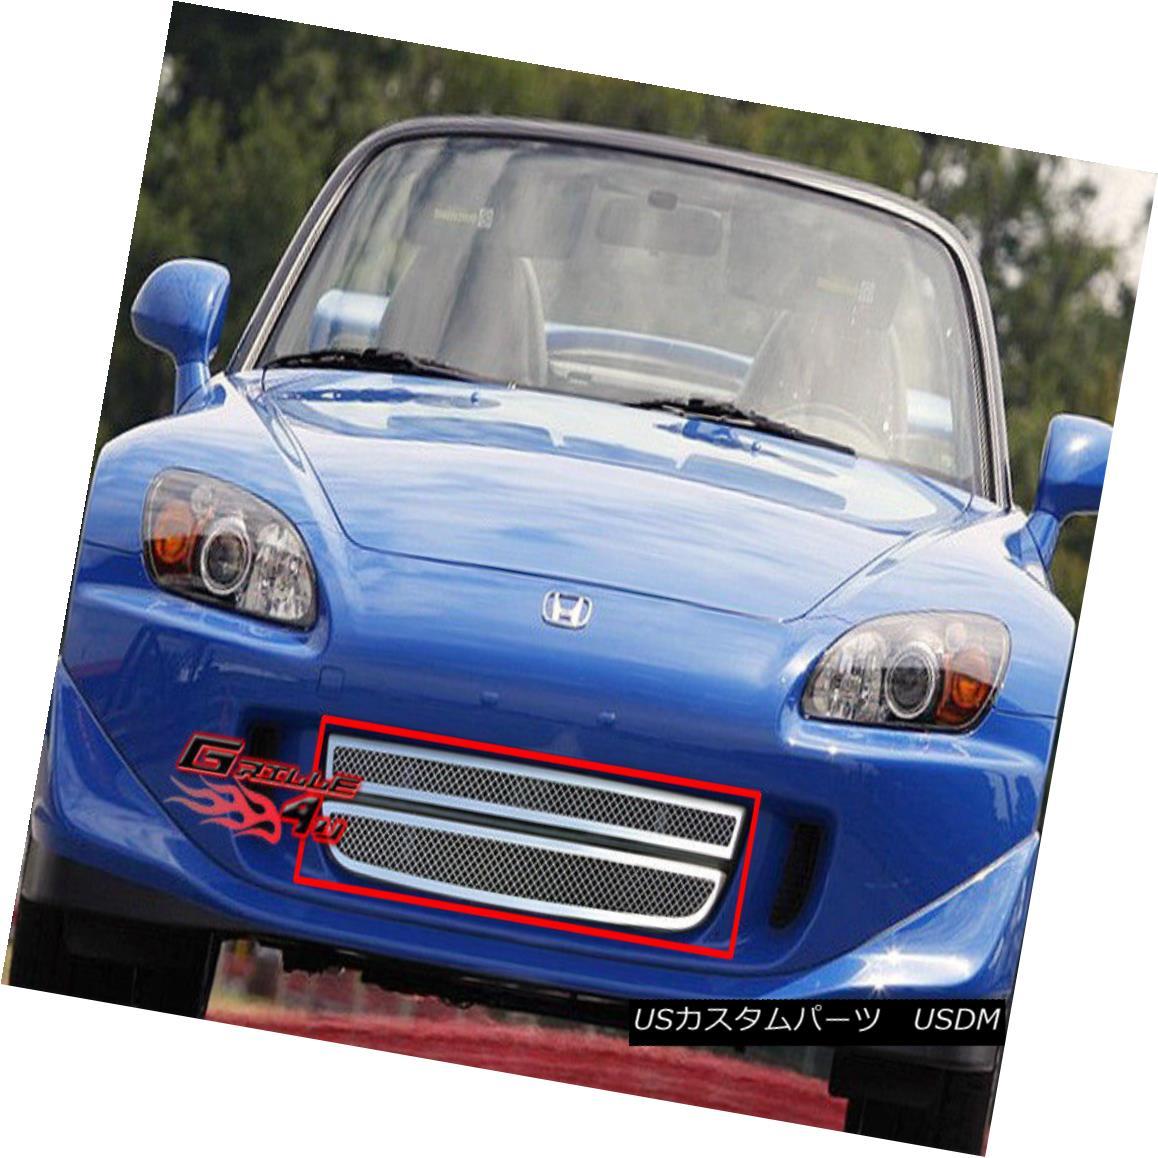 グリル Fits 04-09 Honda S2000 Lower Bumper Stainless Mesh Grille Insert フィット04-09ホンダS2000下部バンパーステンレスメッシュグリルインサート